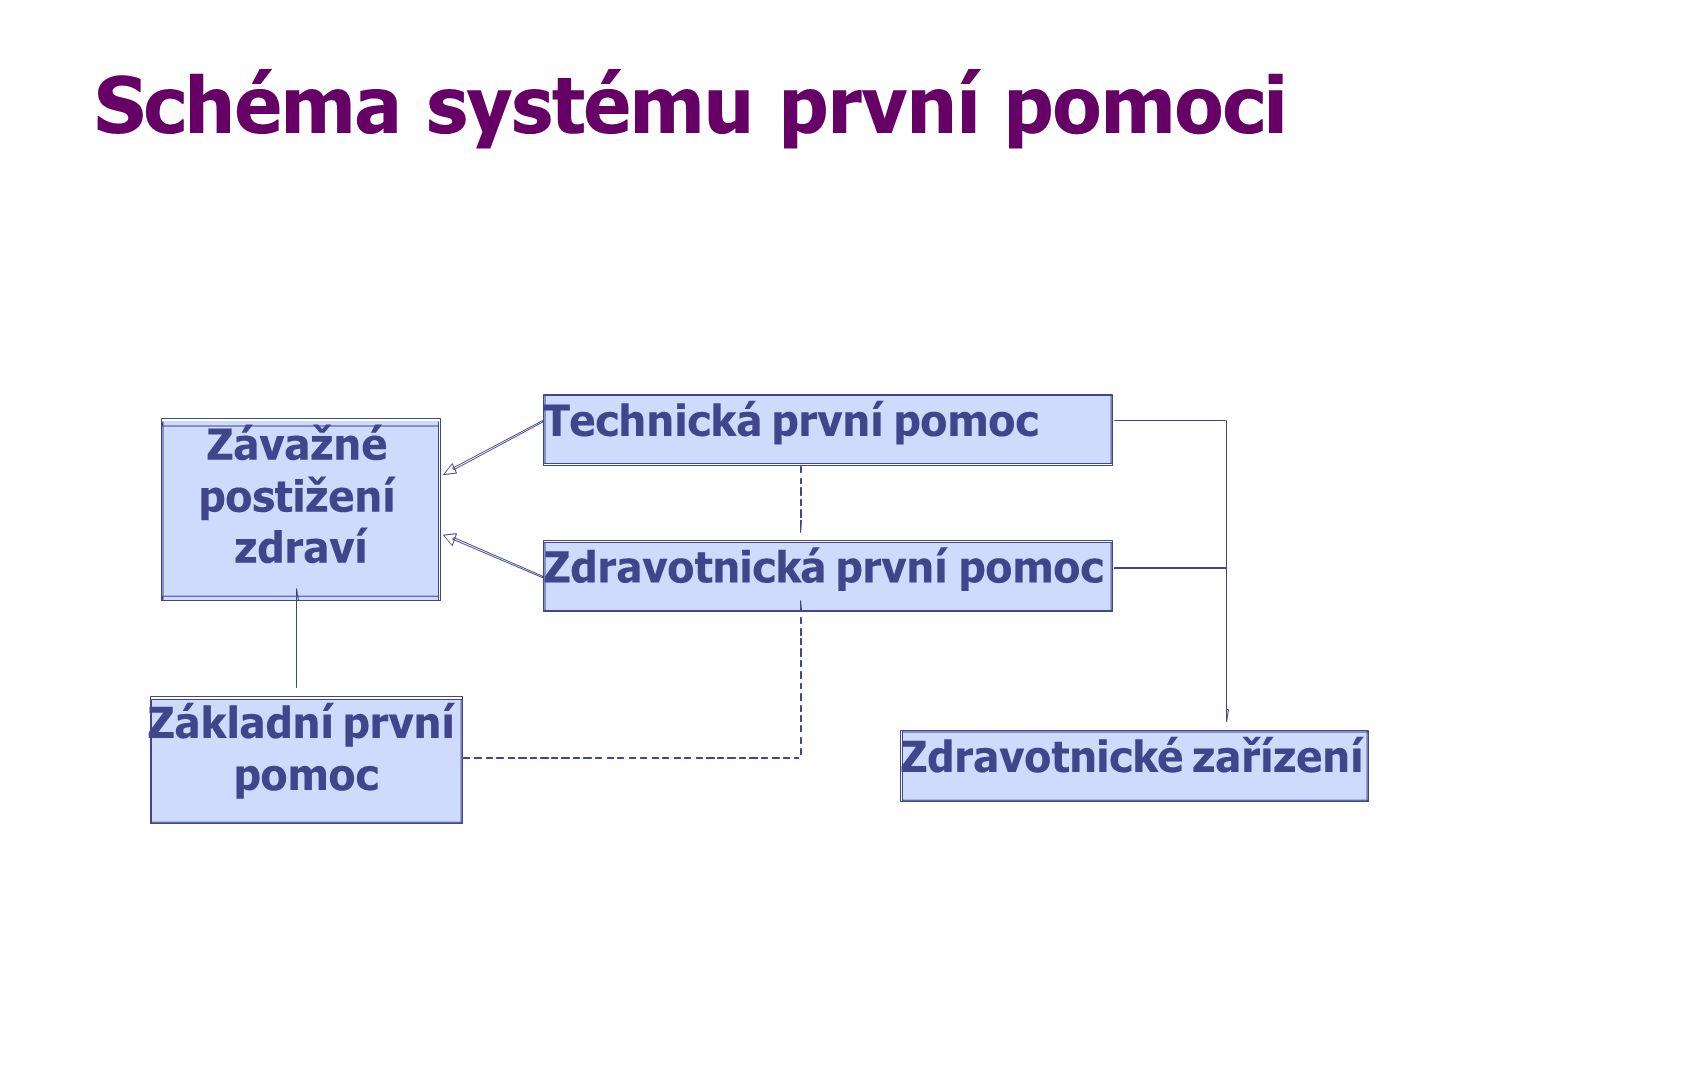 Schéma systému první pomoci